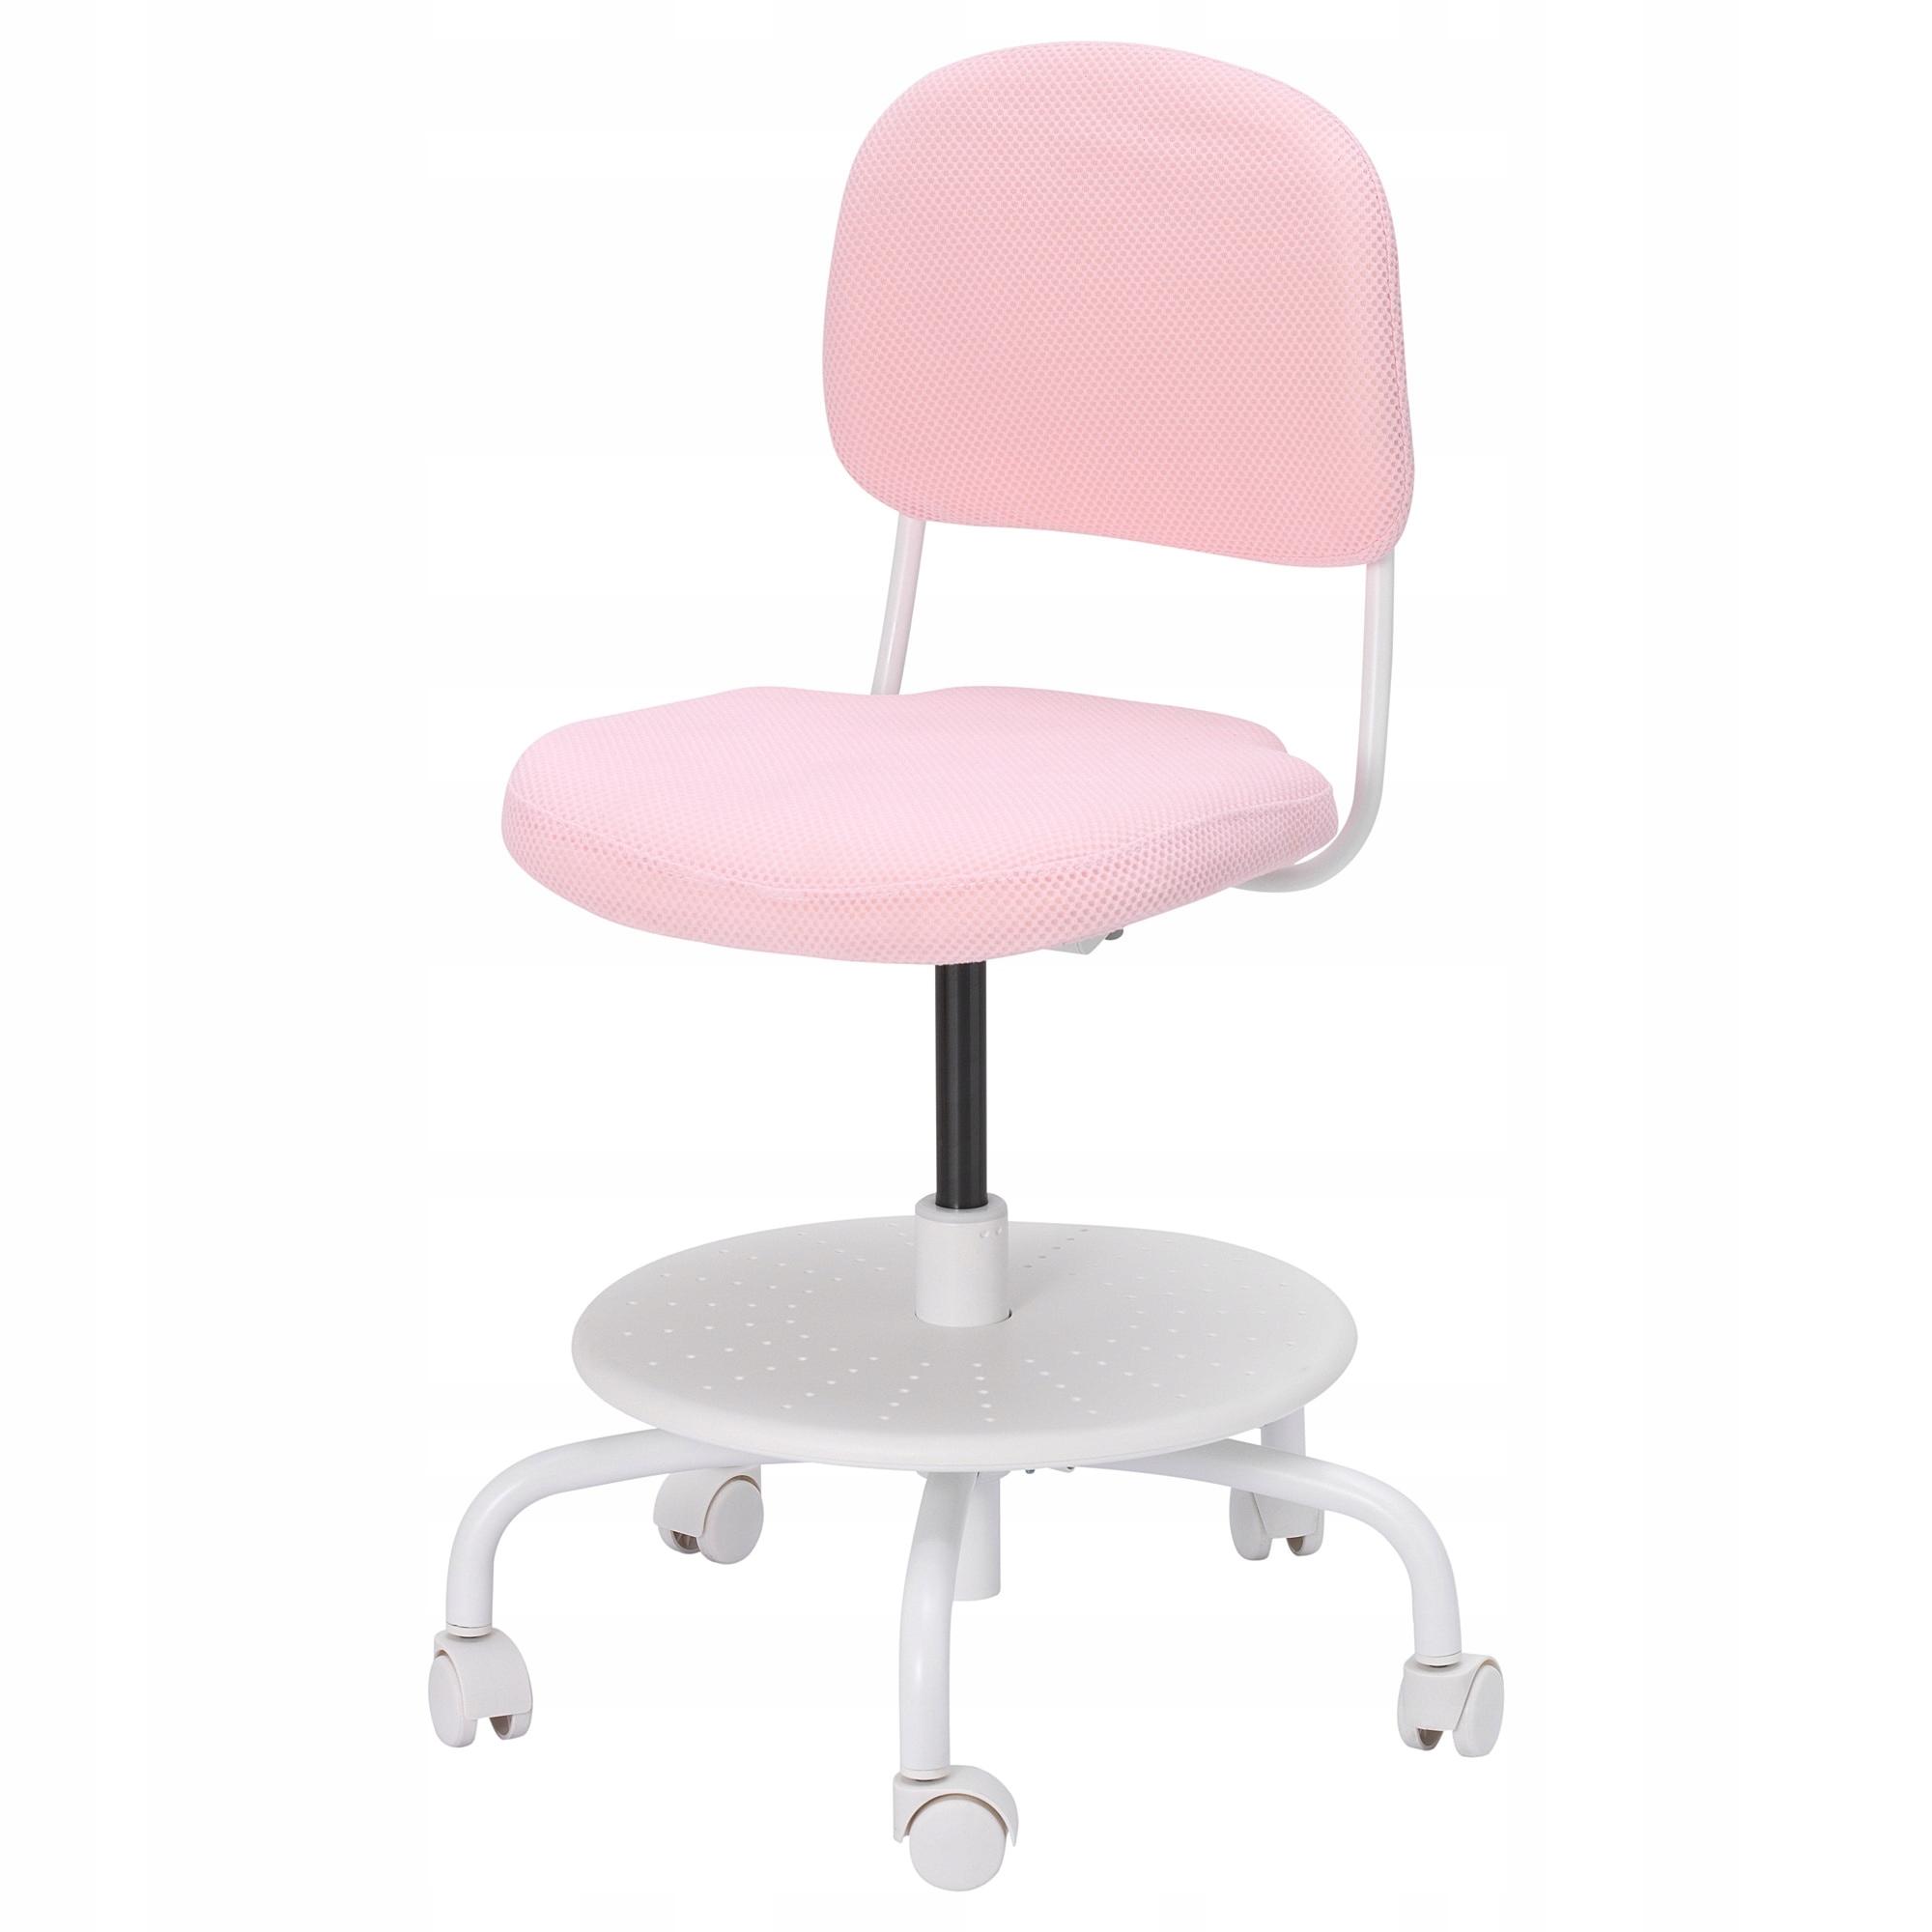 IKEA VIMUND Krzesło Obrotowe biurowe pokoju RÓŻOWE